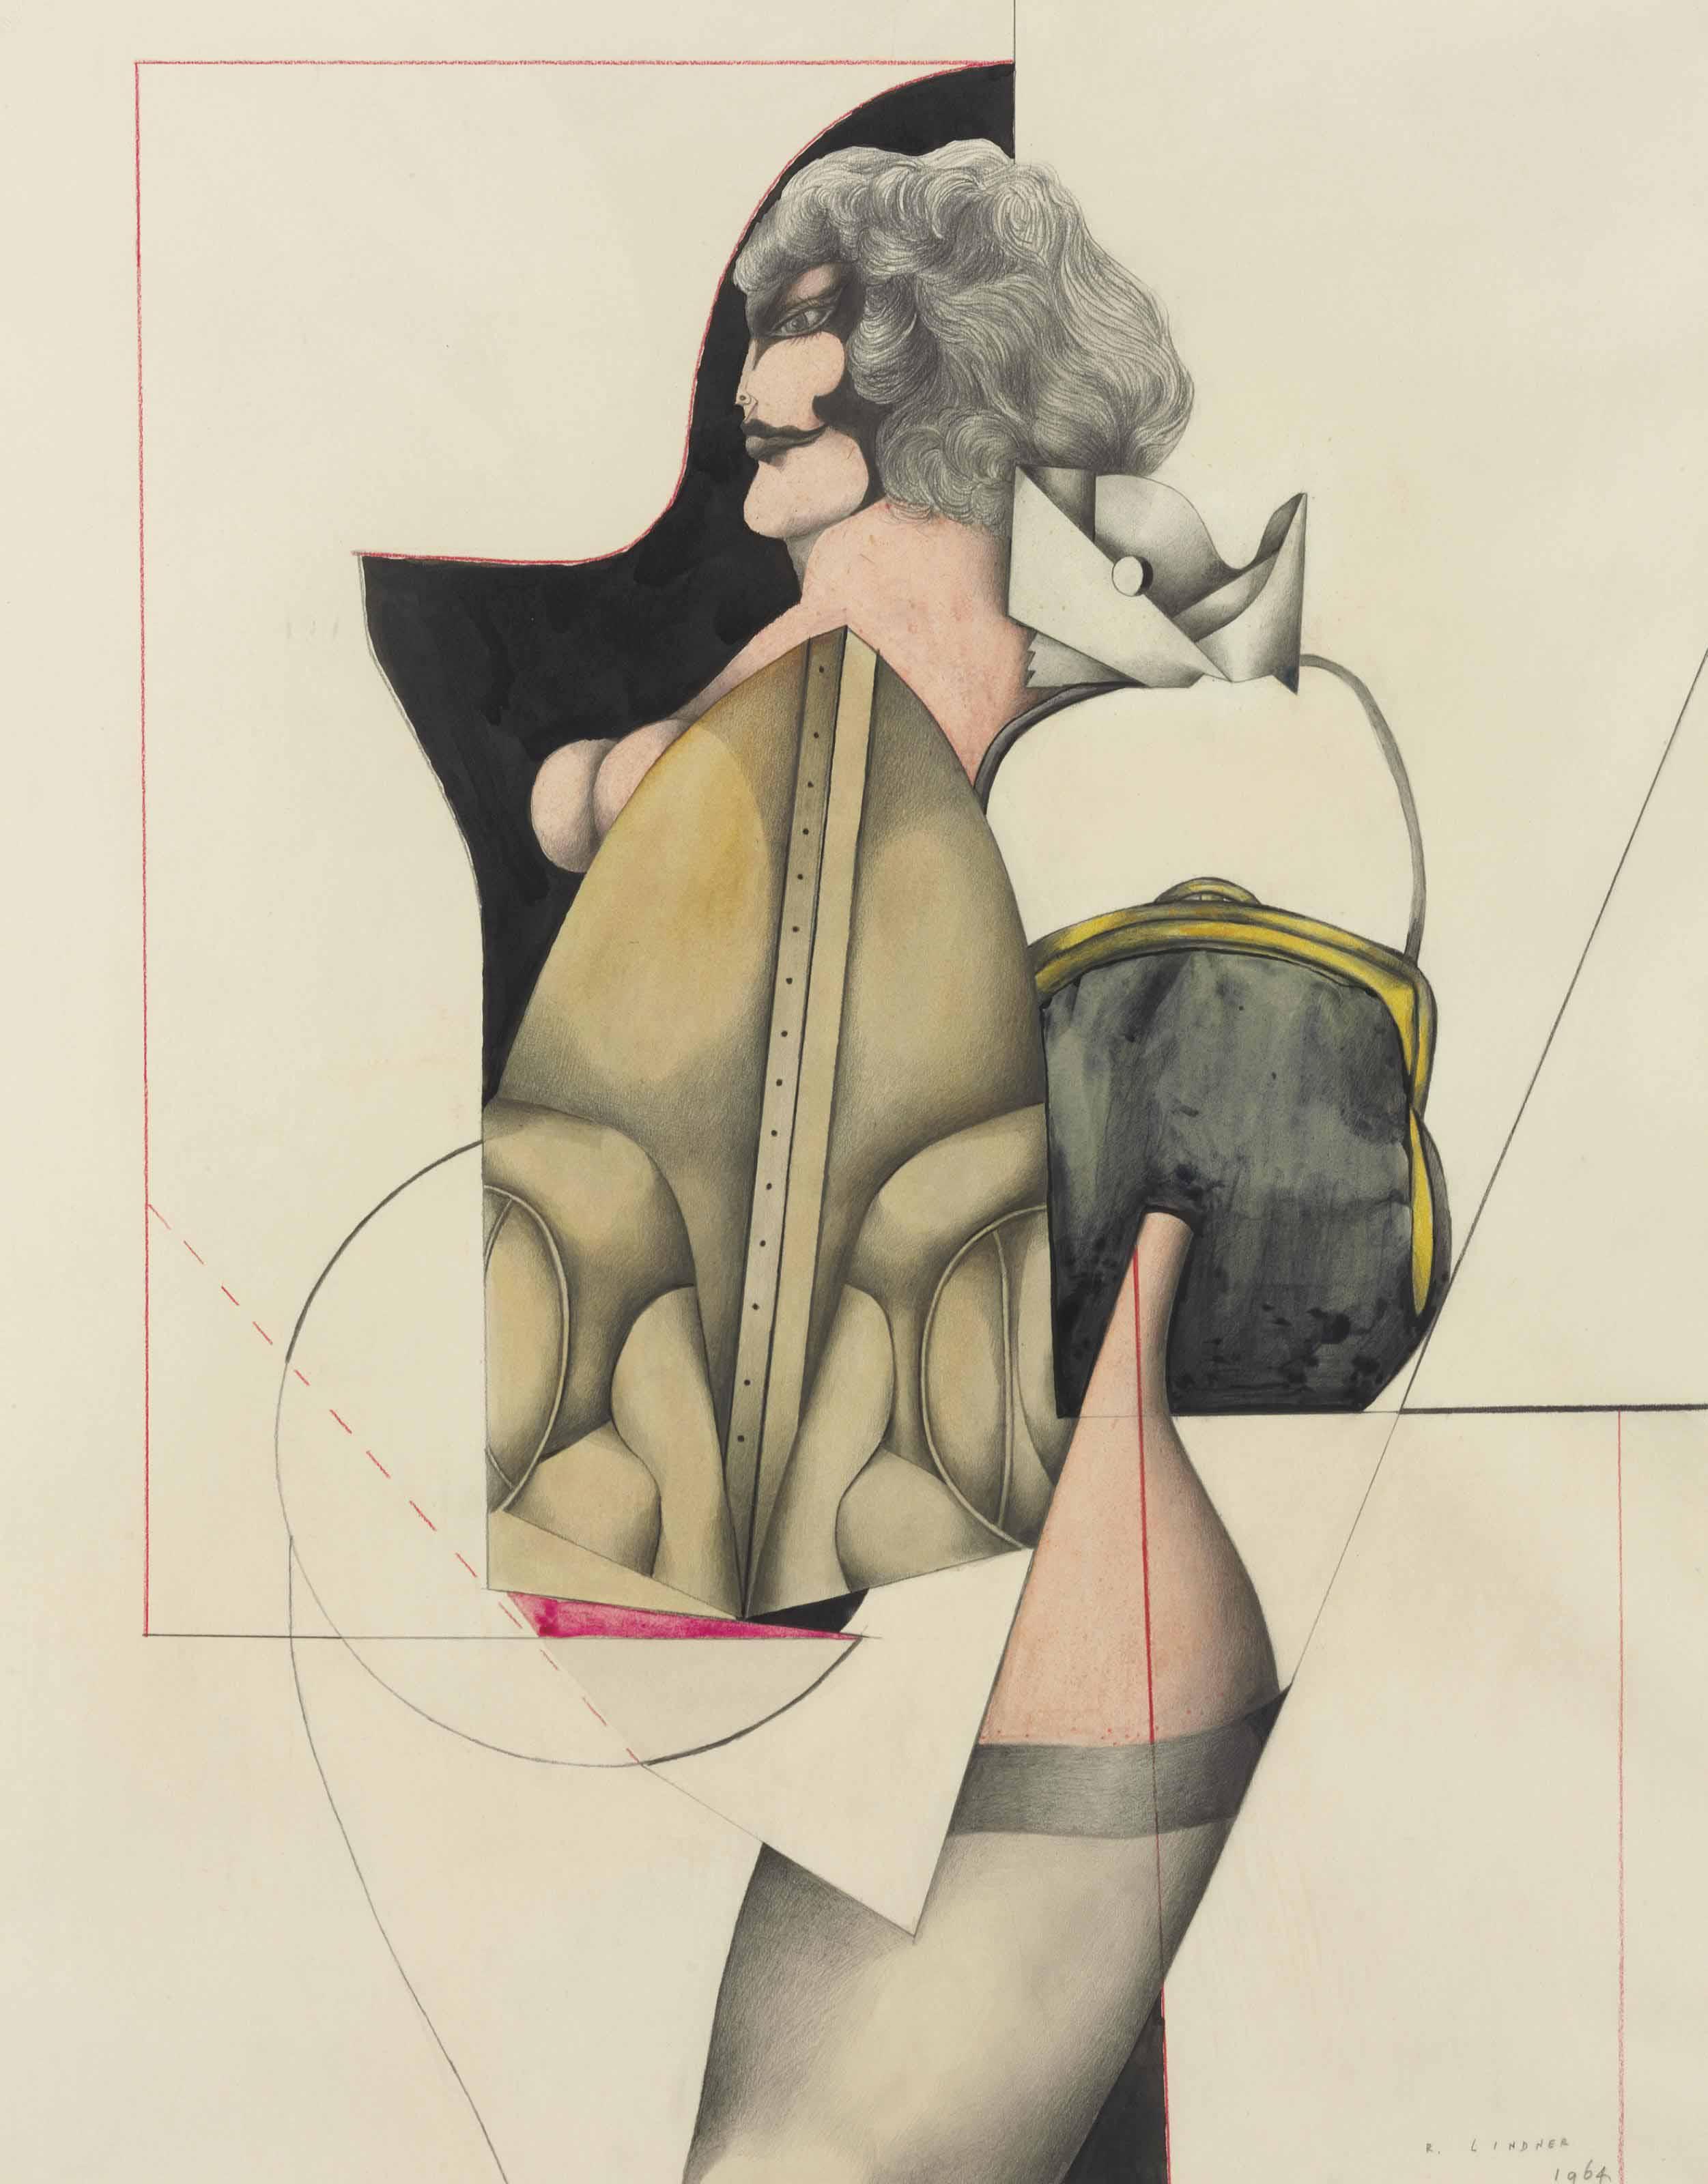 Woman and Handbag